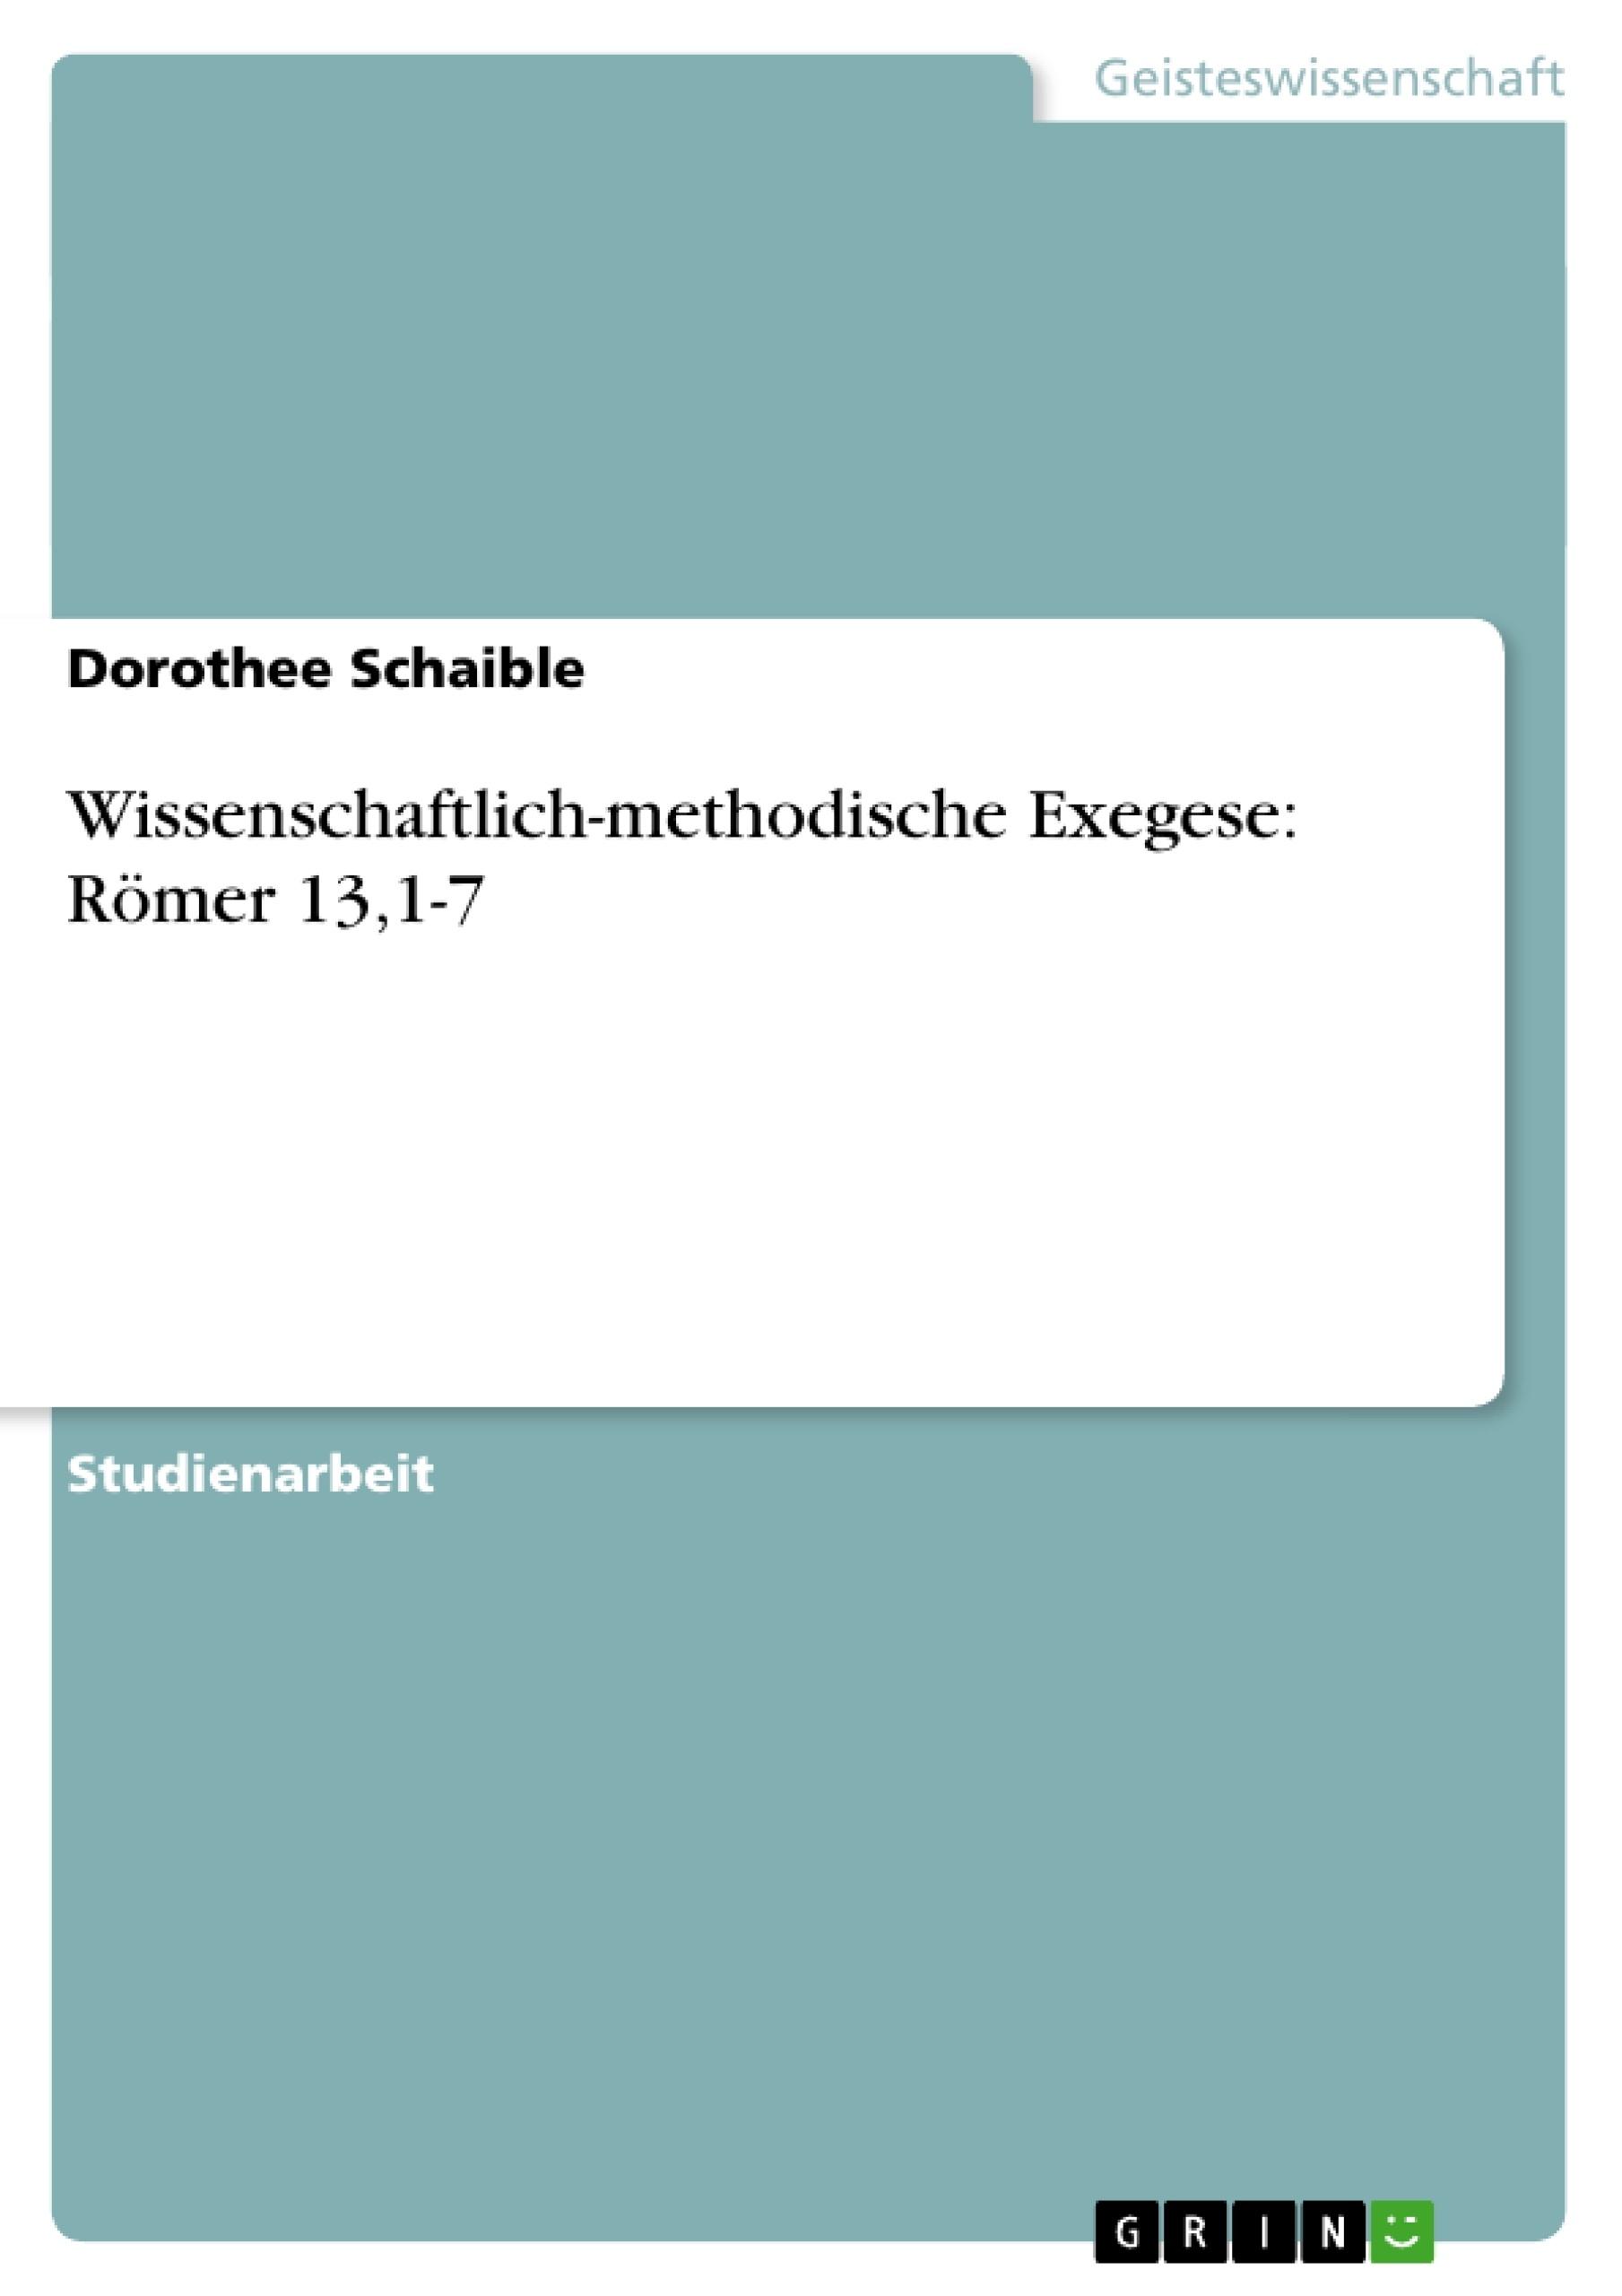 Titel: Wissenschaftlich-methodische Exegese: Römer 13,1-7